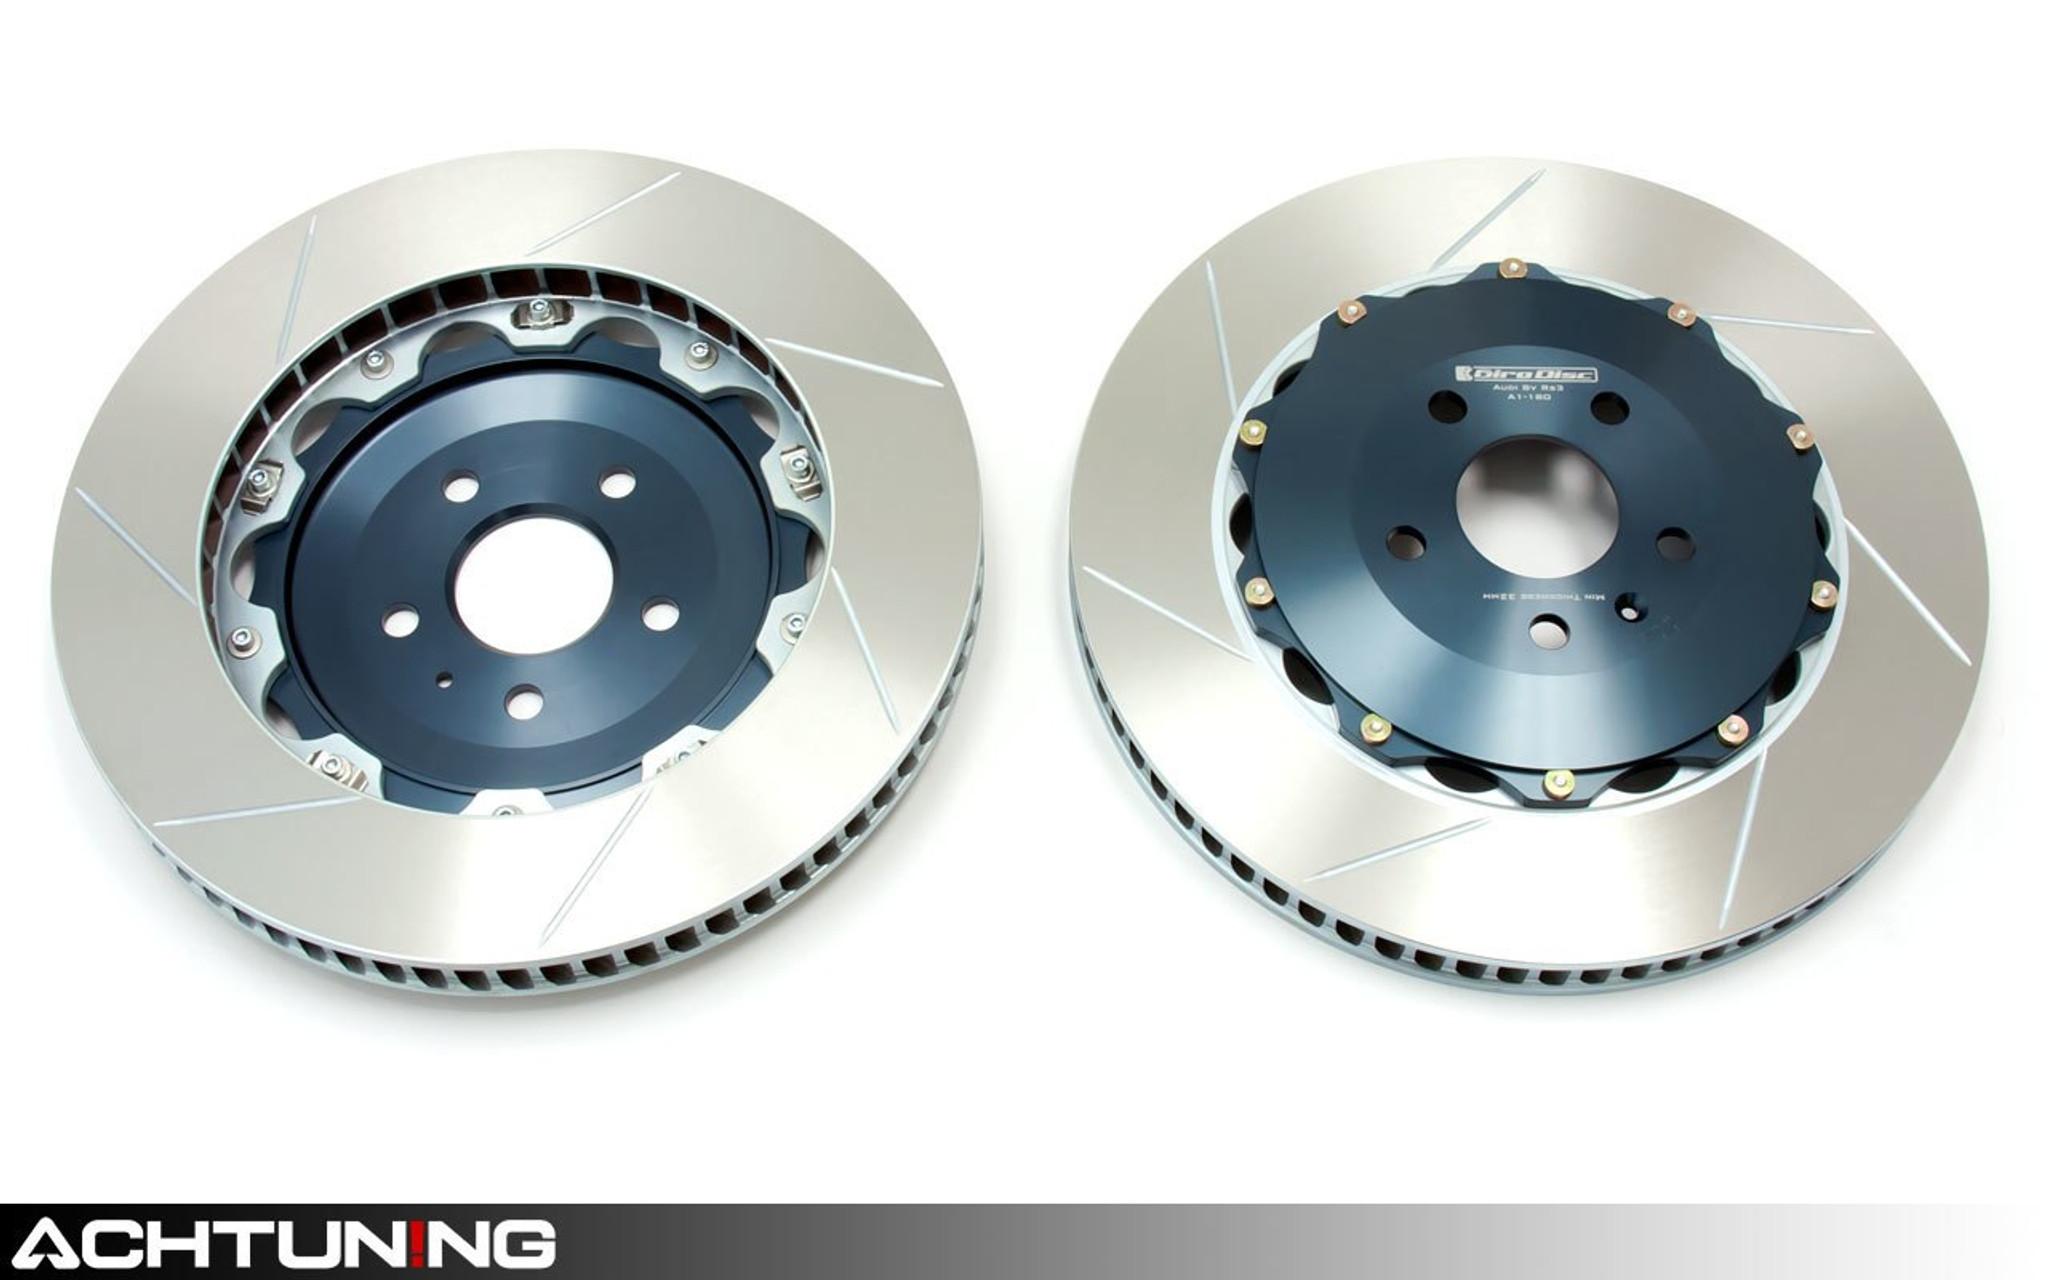 OE Replacement Rotors Metallic Pads F 2013 2014 Fit Subaru XV Crosstrek